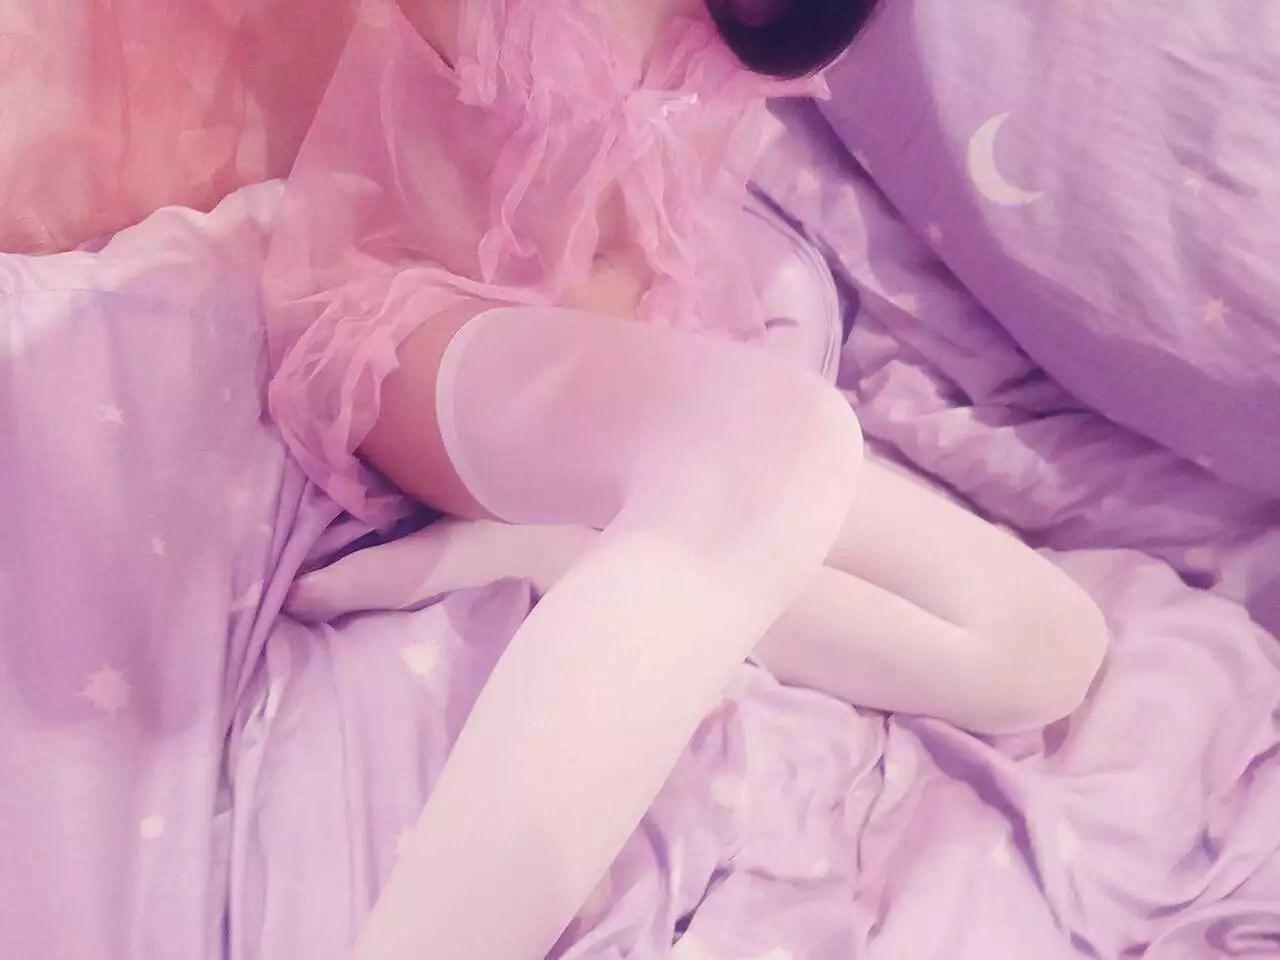 【兔玩映画】萌妹自拍 兔玩映画 第20张